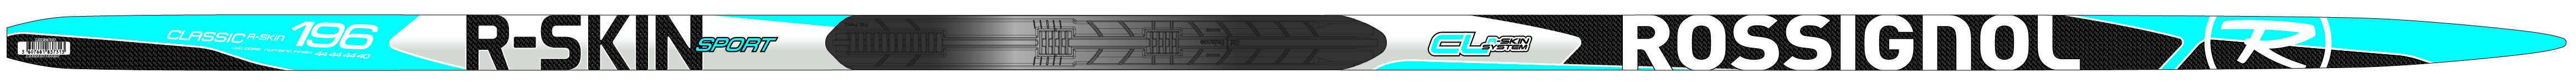 Rossignol R-skin Sport, en rimelig treningsski med felle i butikkene i år (klikk på bildet for større versjon).